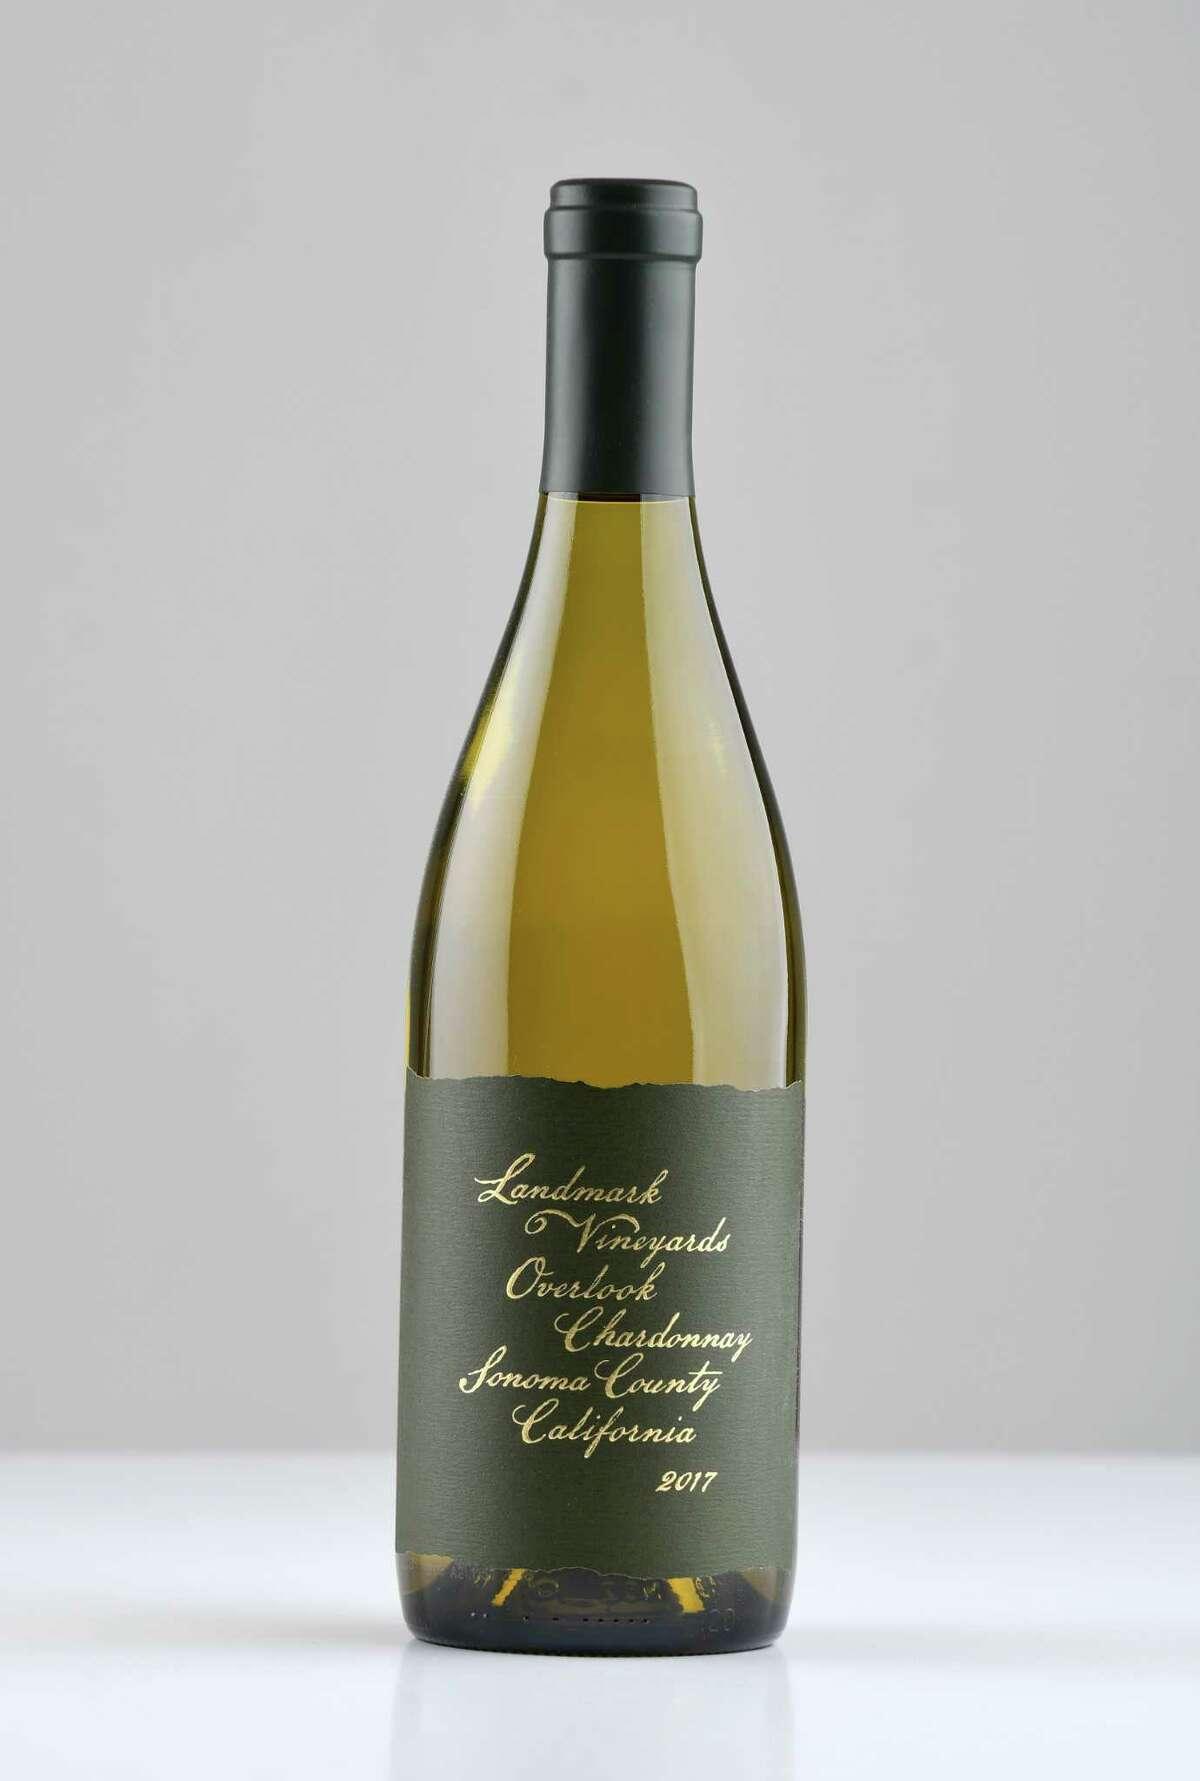 Landmark Chardonnay on Friday, Feb. 7, 2020, at the Times Union in Colonie, N.Y. (Will Waldron/Times Union)